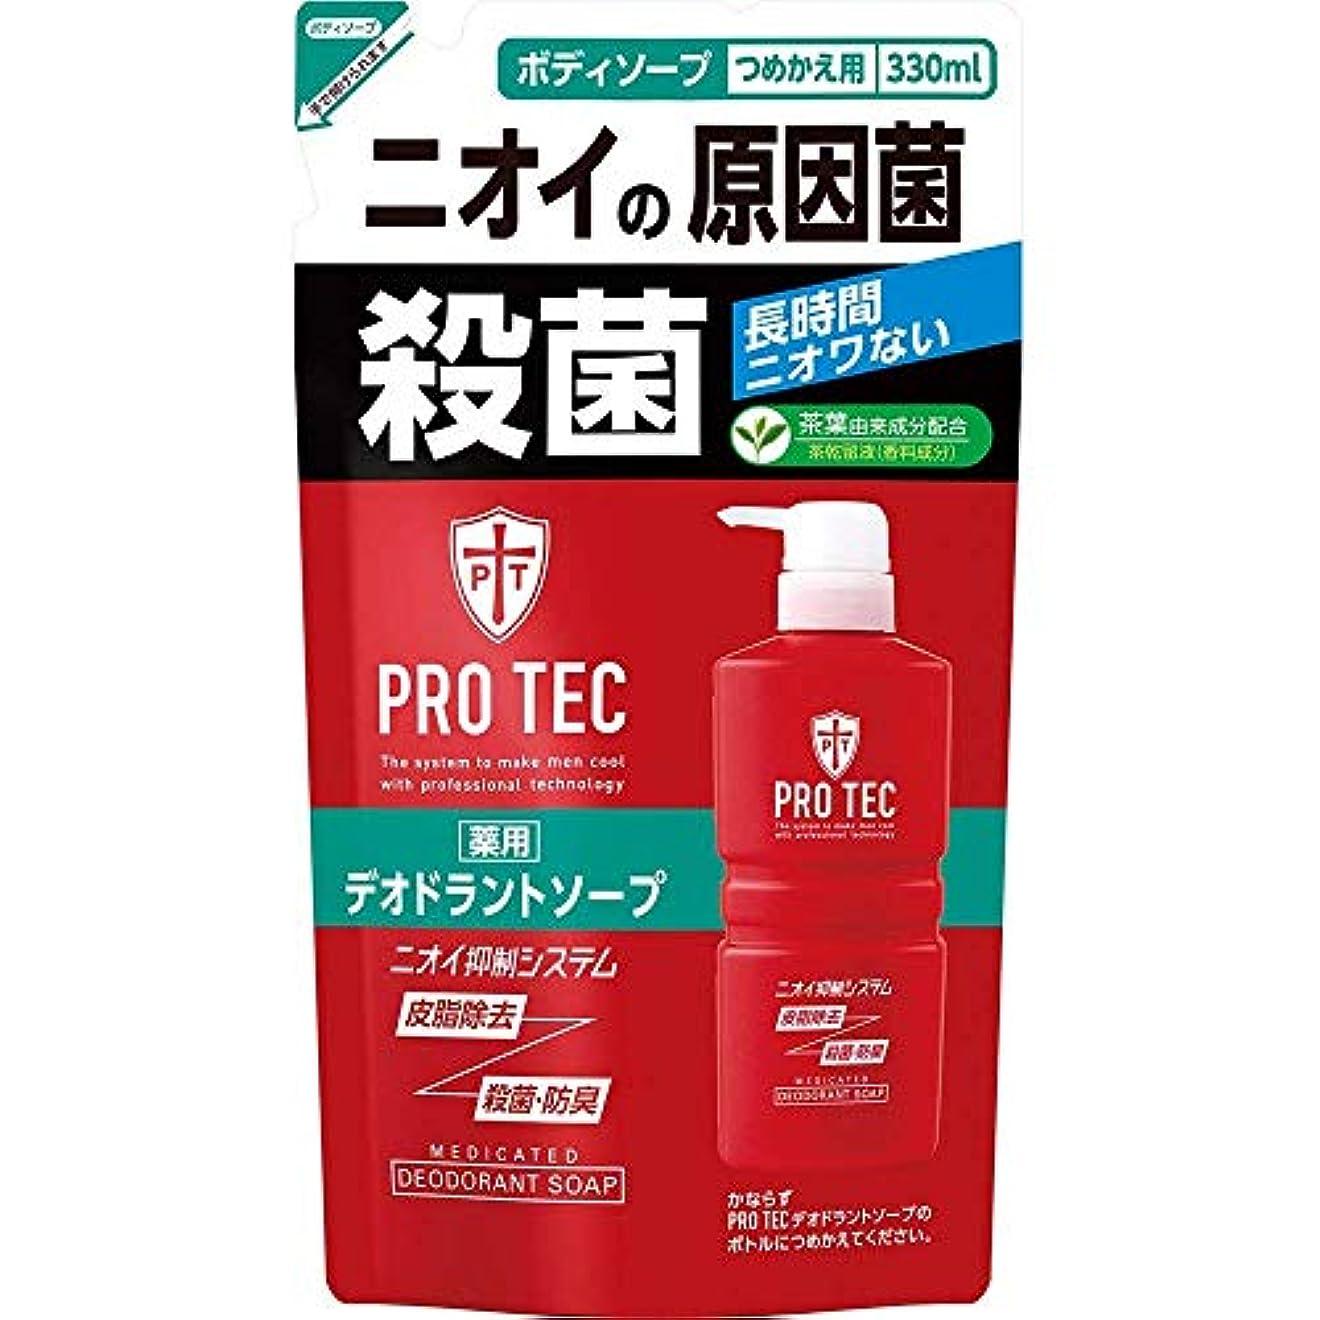 広告雑品覚醒PRO TEC デオドラントソープ つめかえ用 330ml ×2セット